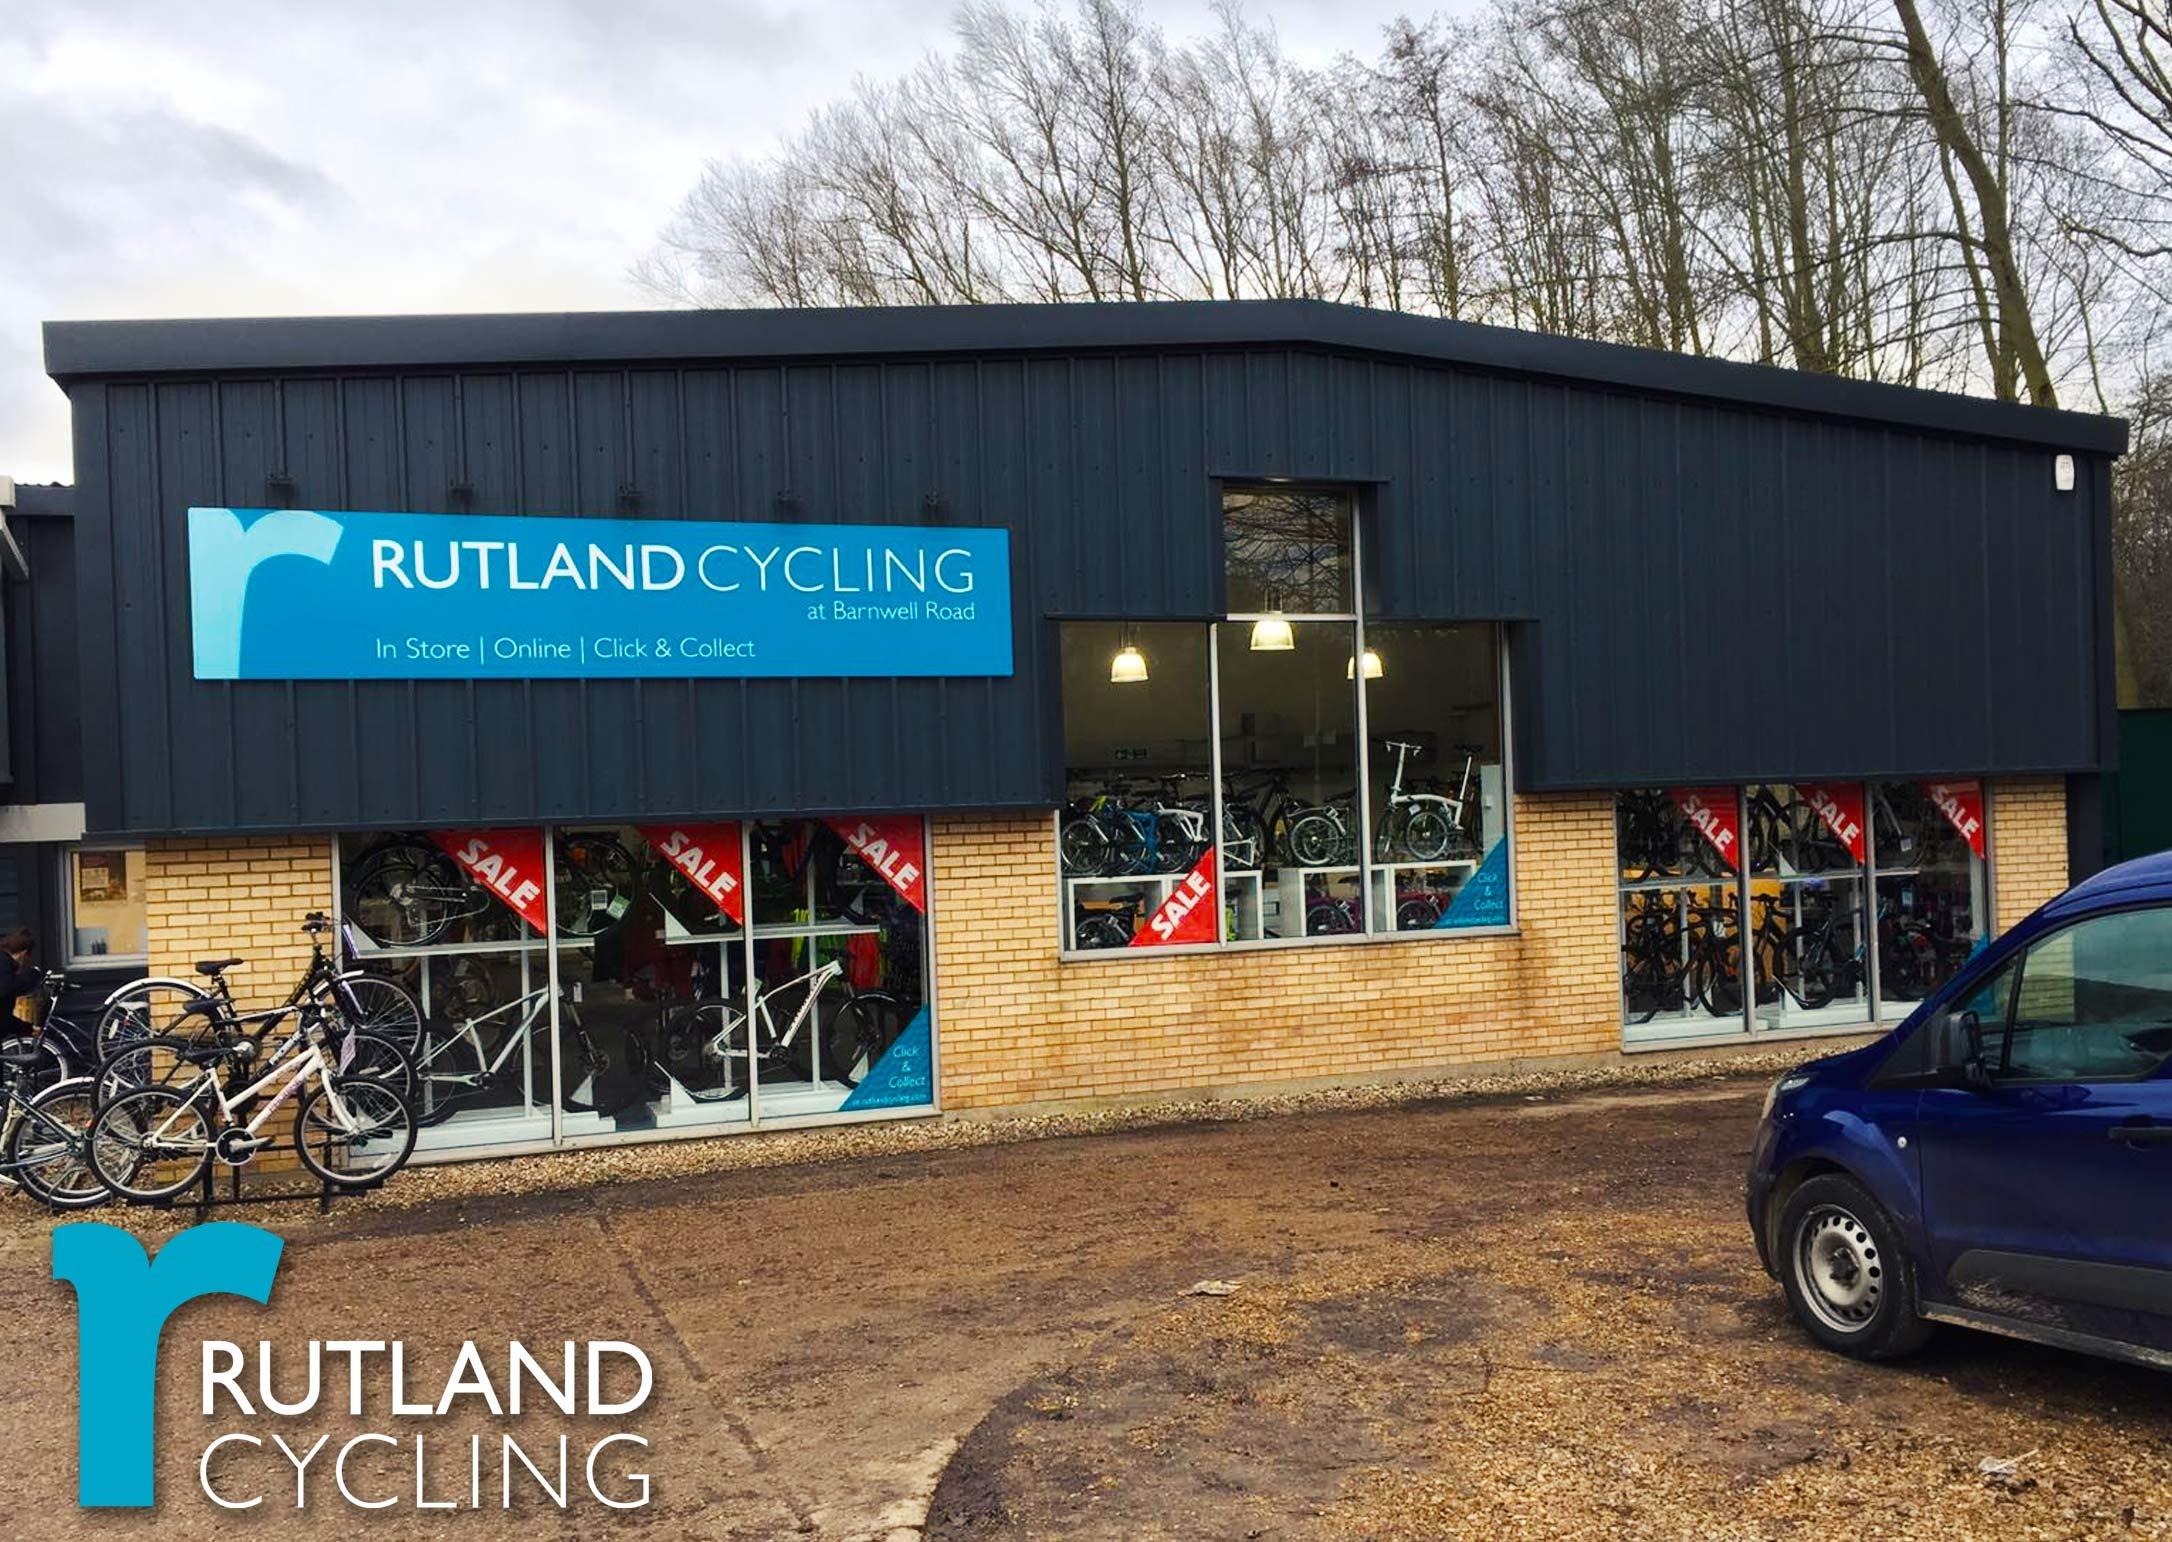 Rutland Cycling New Cambridge Shops